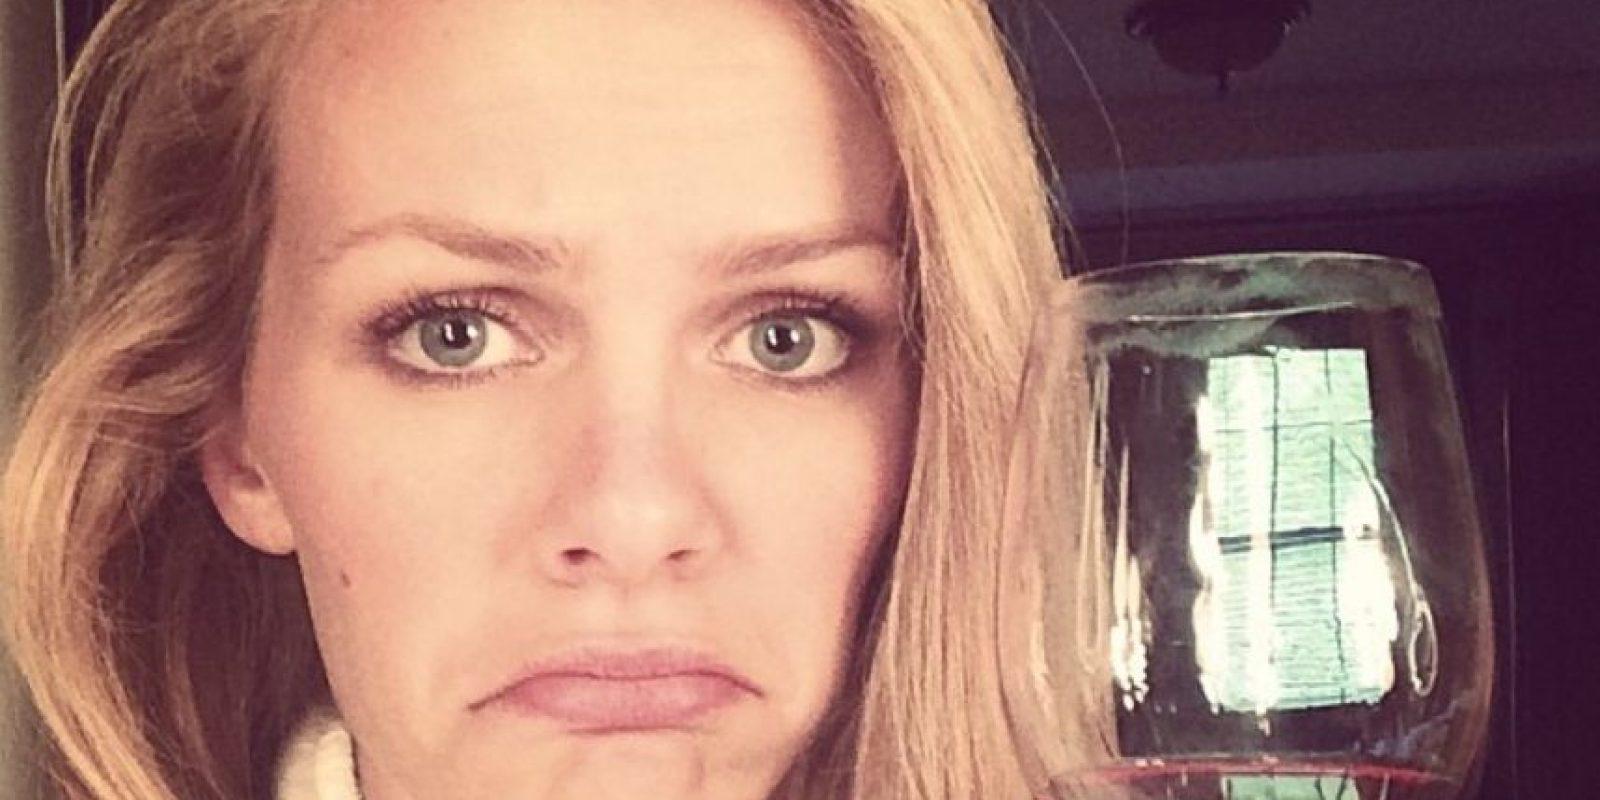 Está casado con la modelo y actriz Brooklyn Decker Foto:Instagram: @brooklynddecker